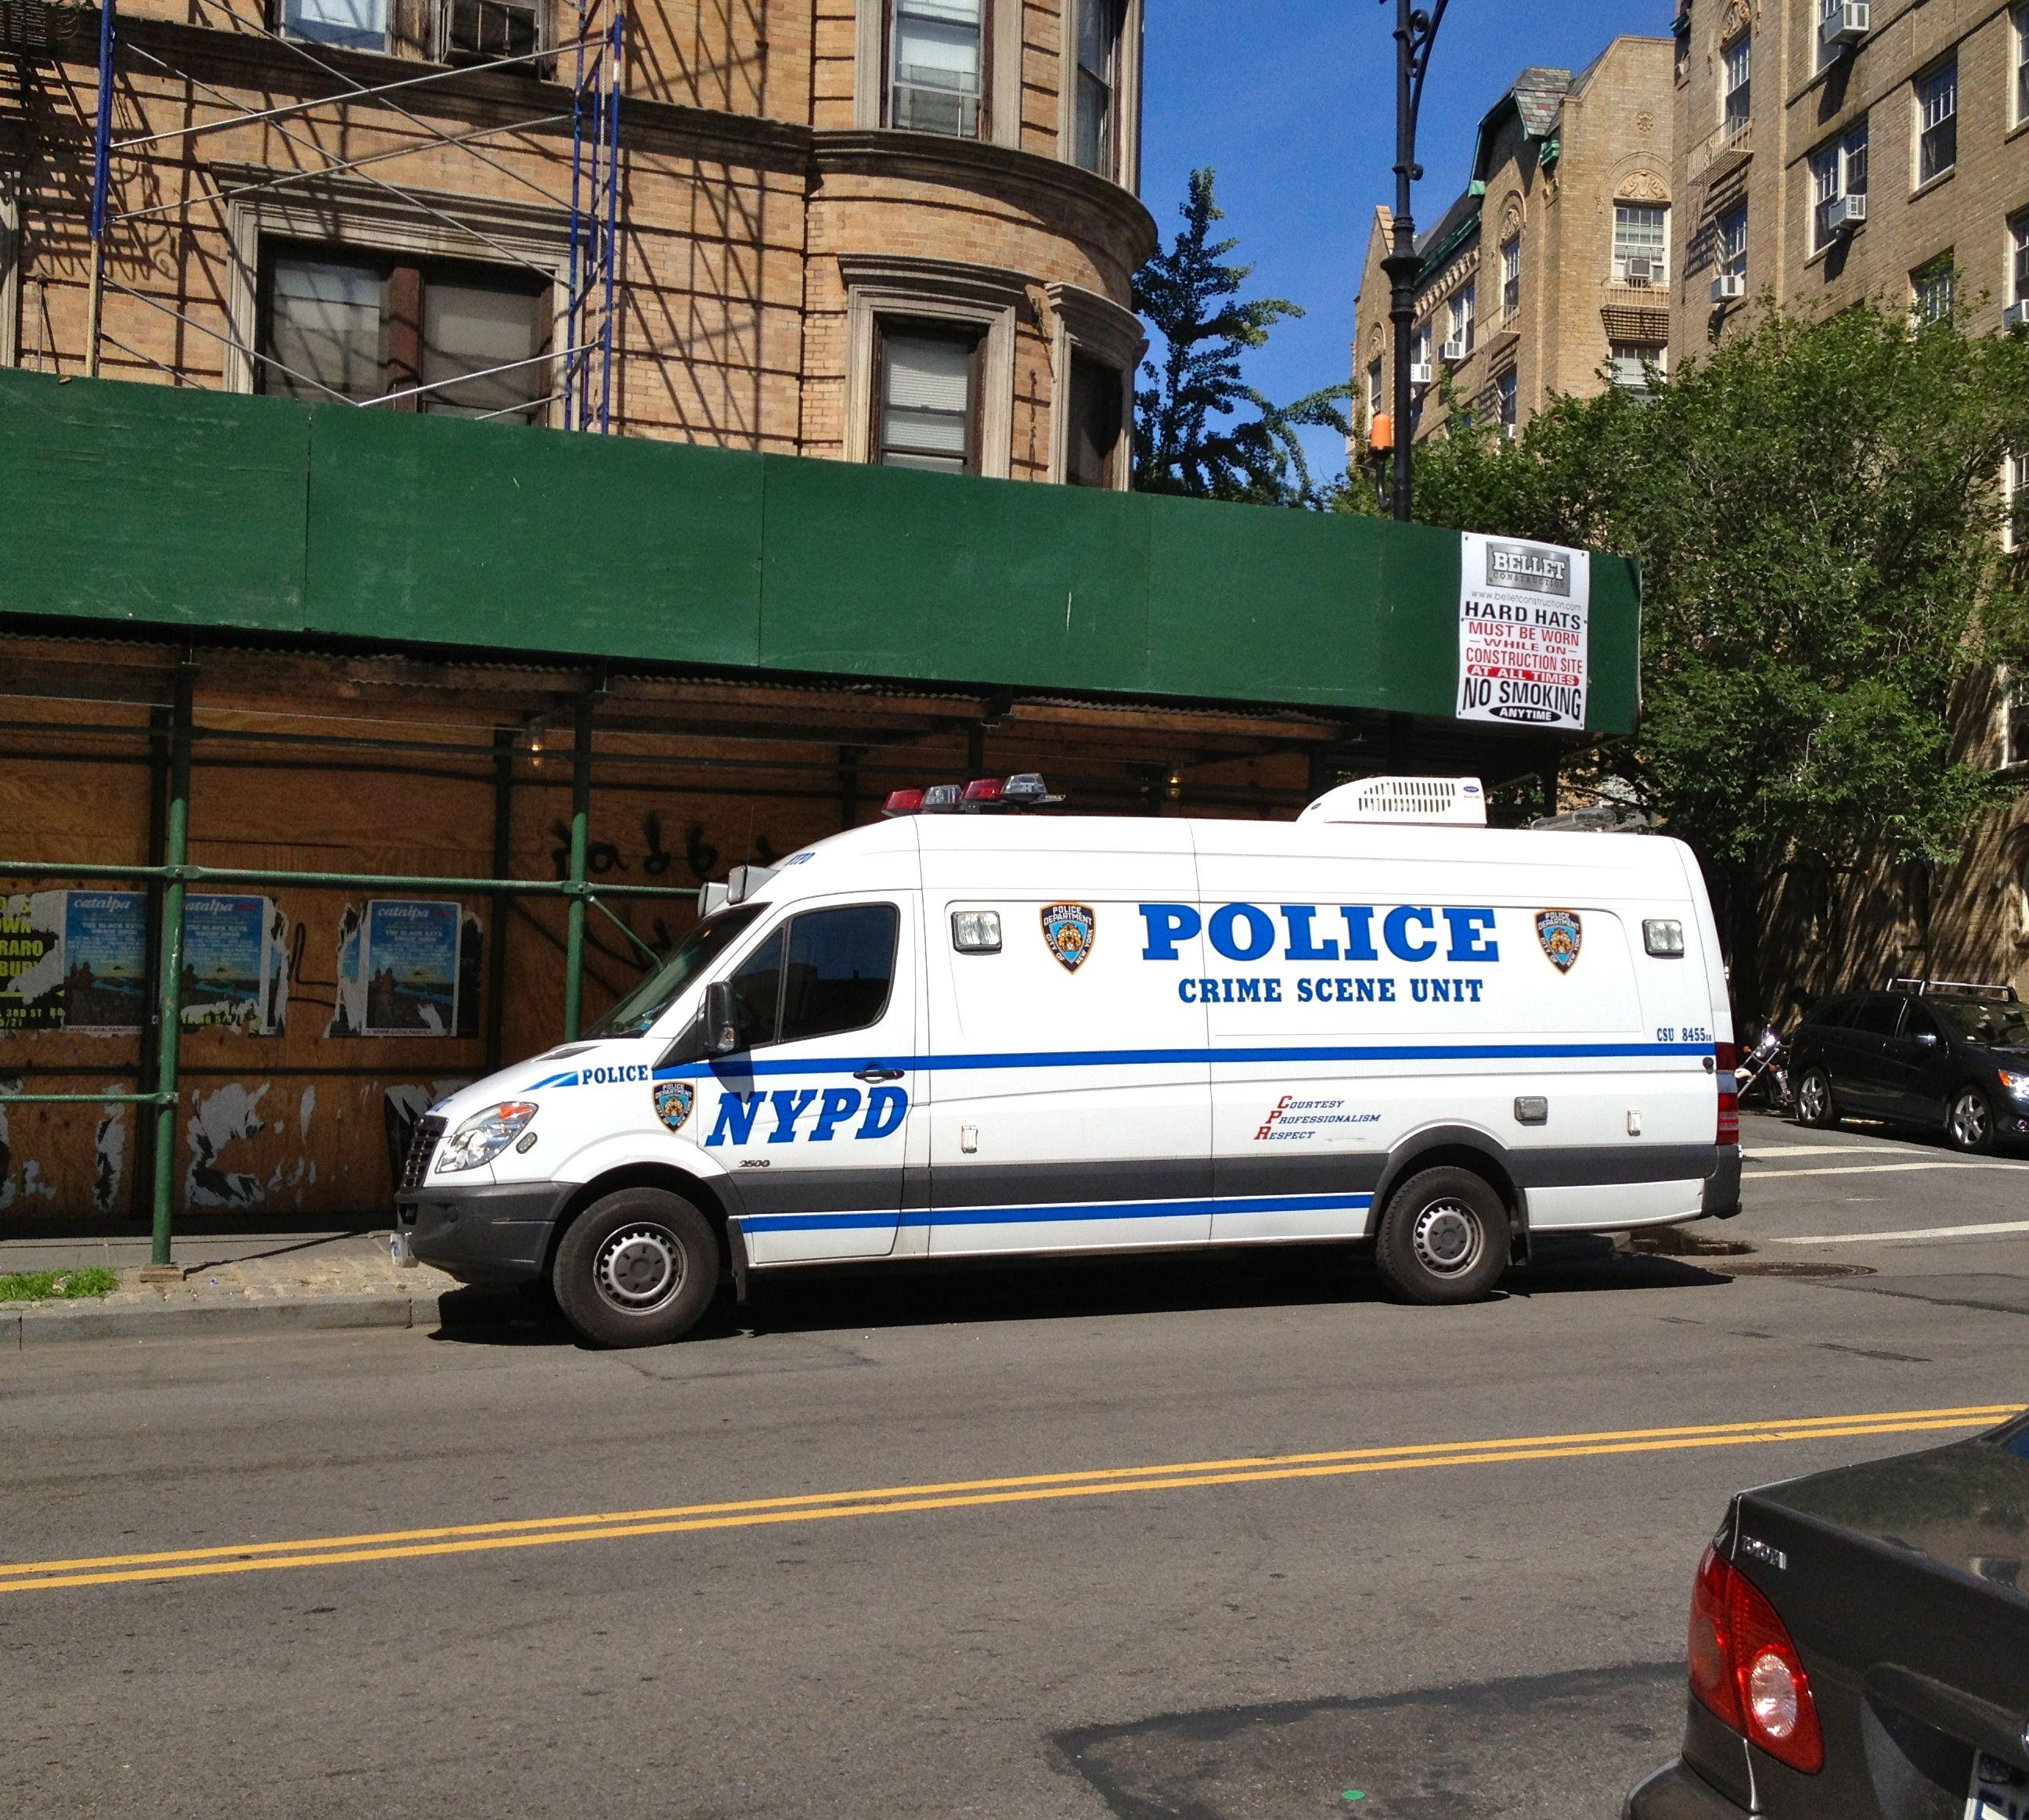 NYPD Crime Scene Unit Photo By Www.nyfirestore.com